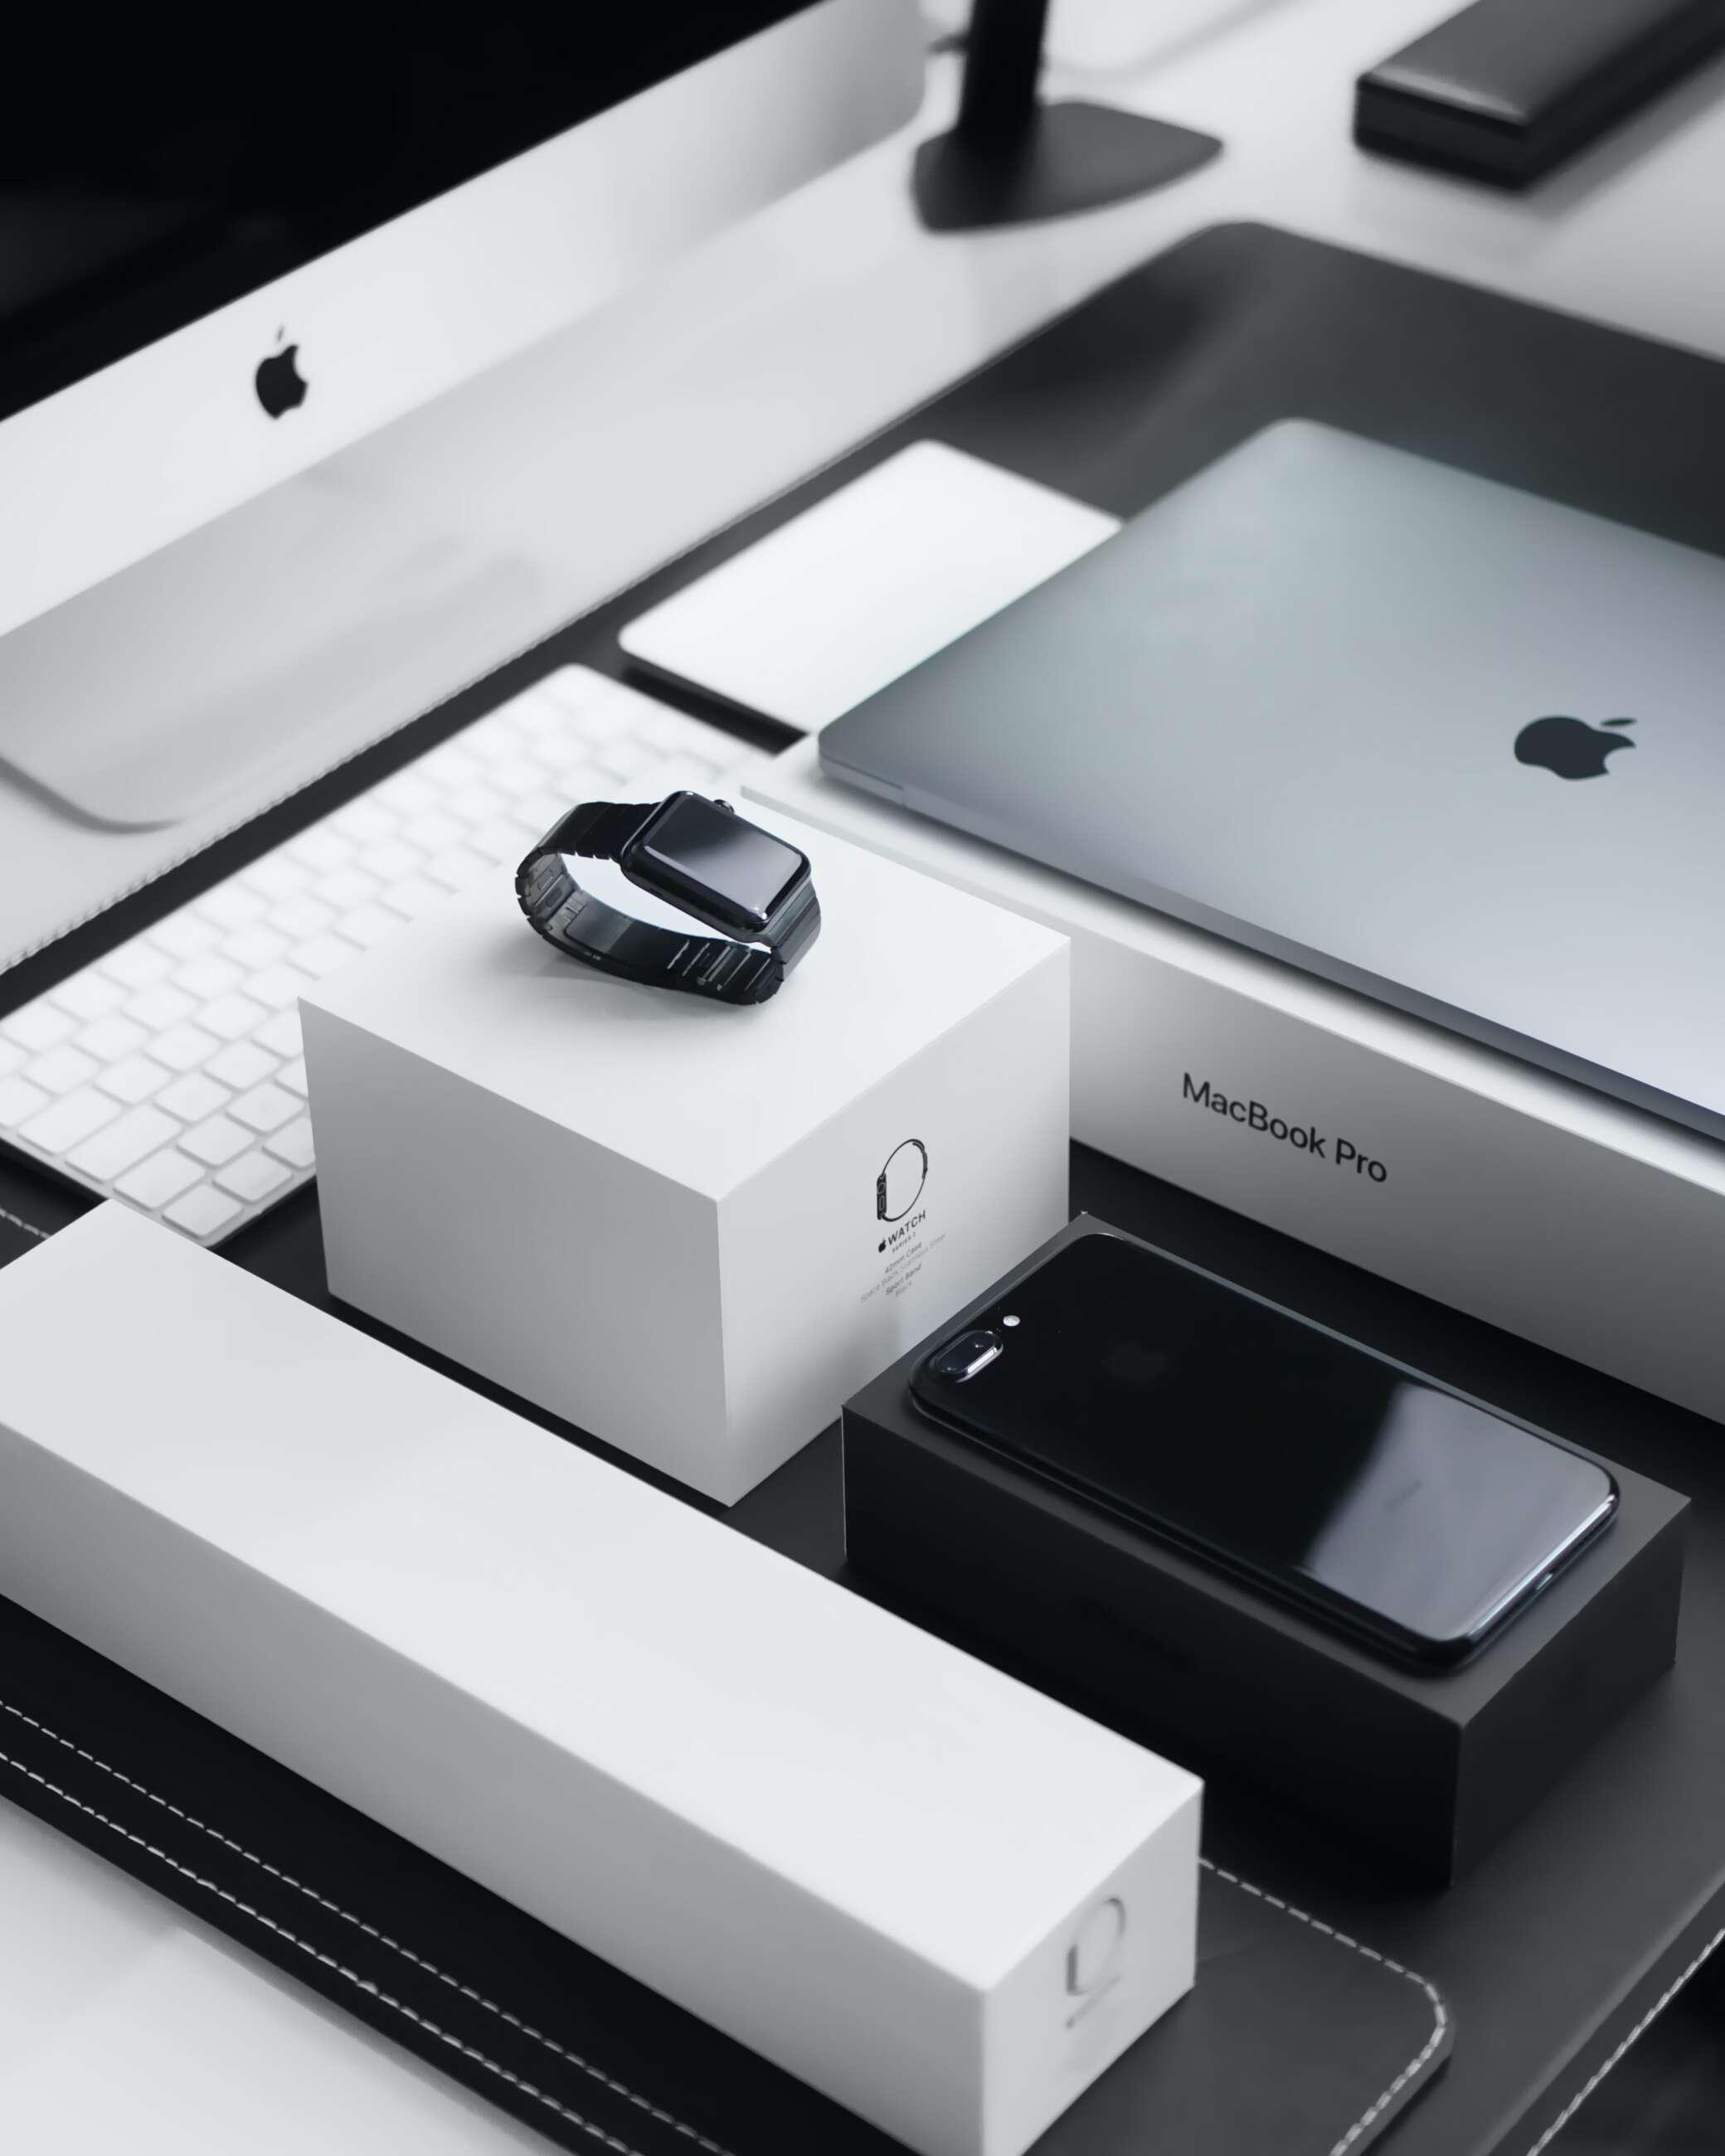 Aparatos de Apple, algunos de los cuales pueden presentar problemas